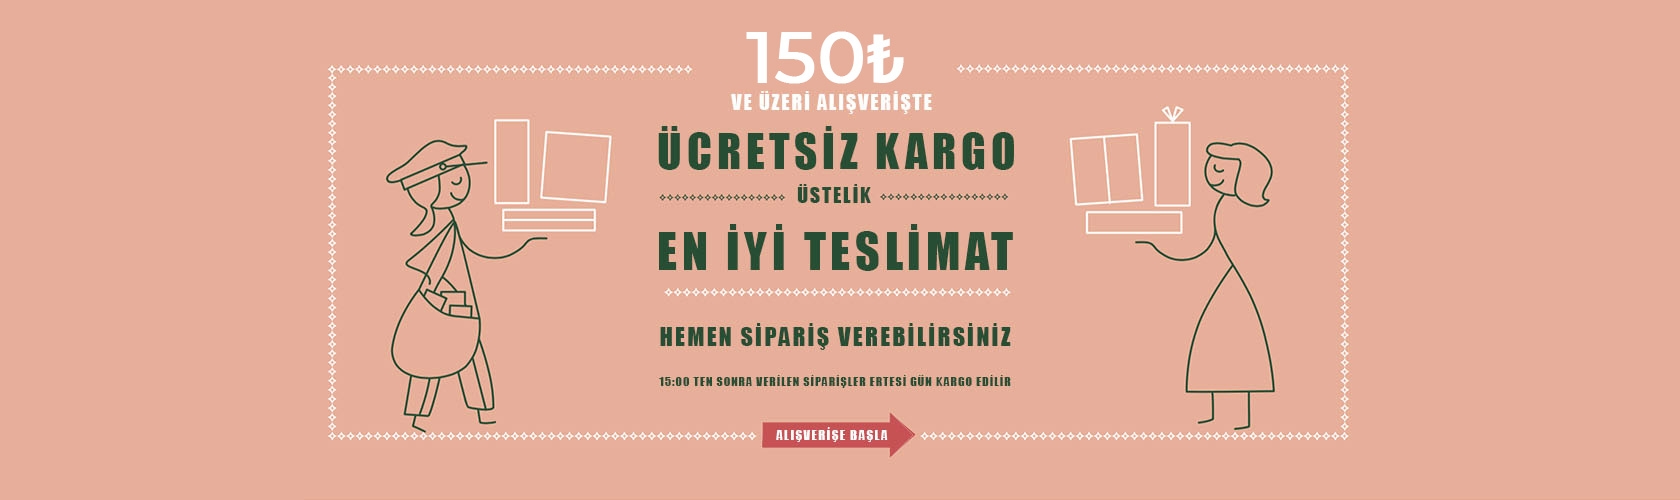 kargo-ucretsiz-150